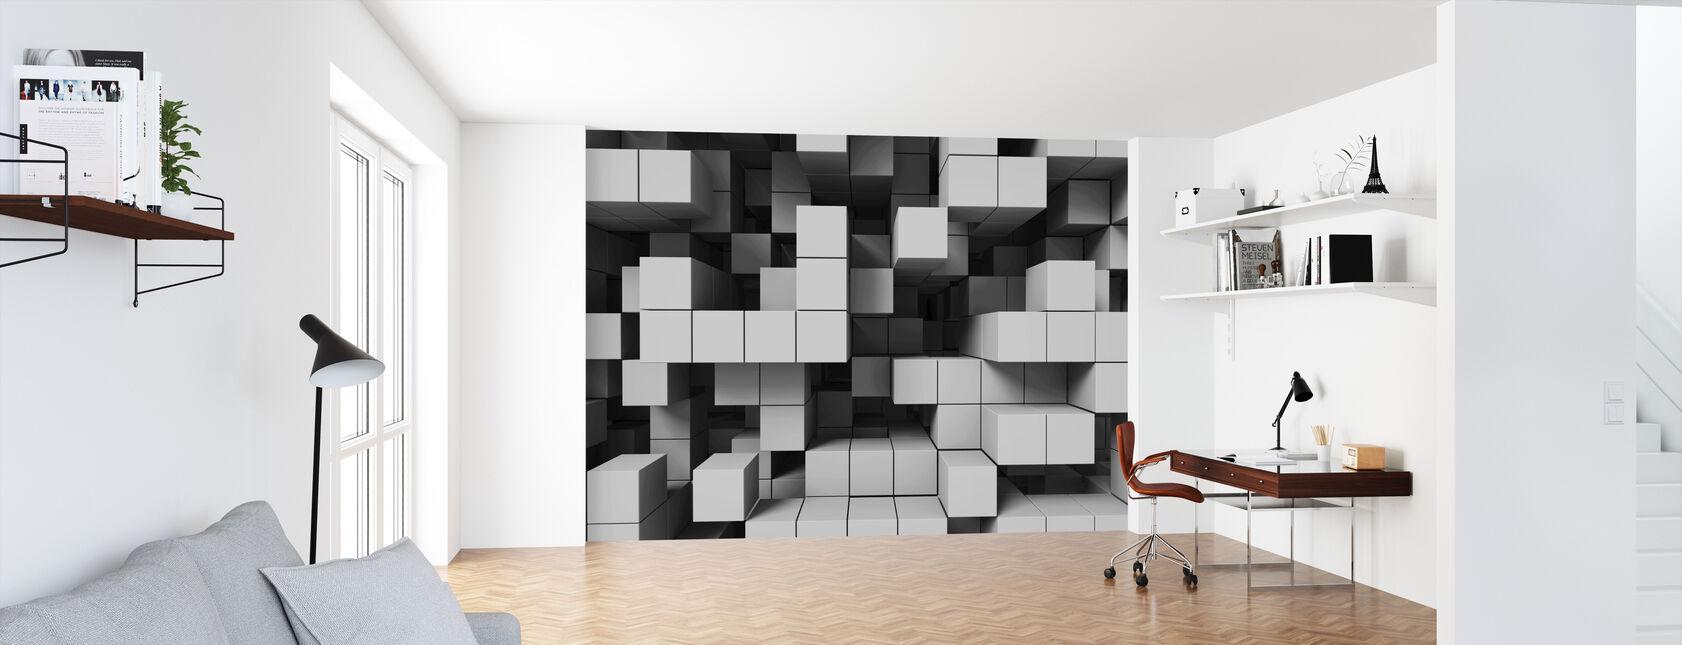 Deep Tetris - Light Grey - Wallpaper - Office